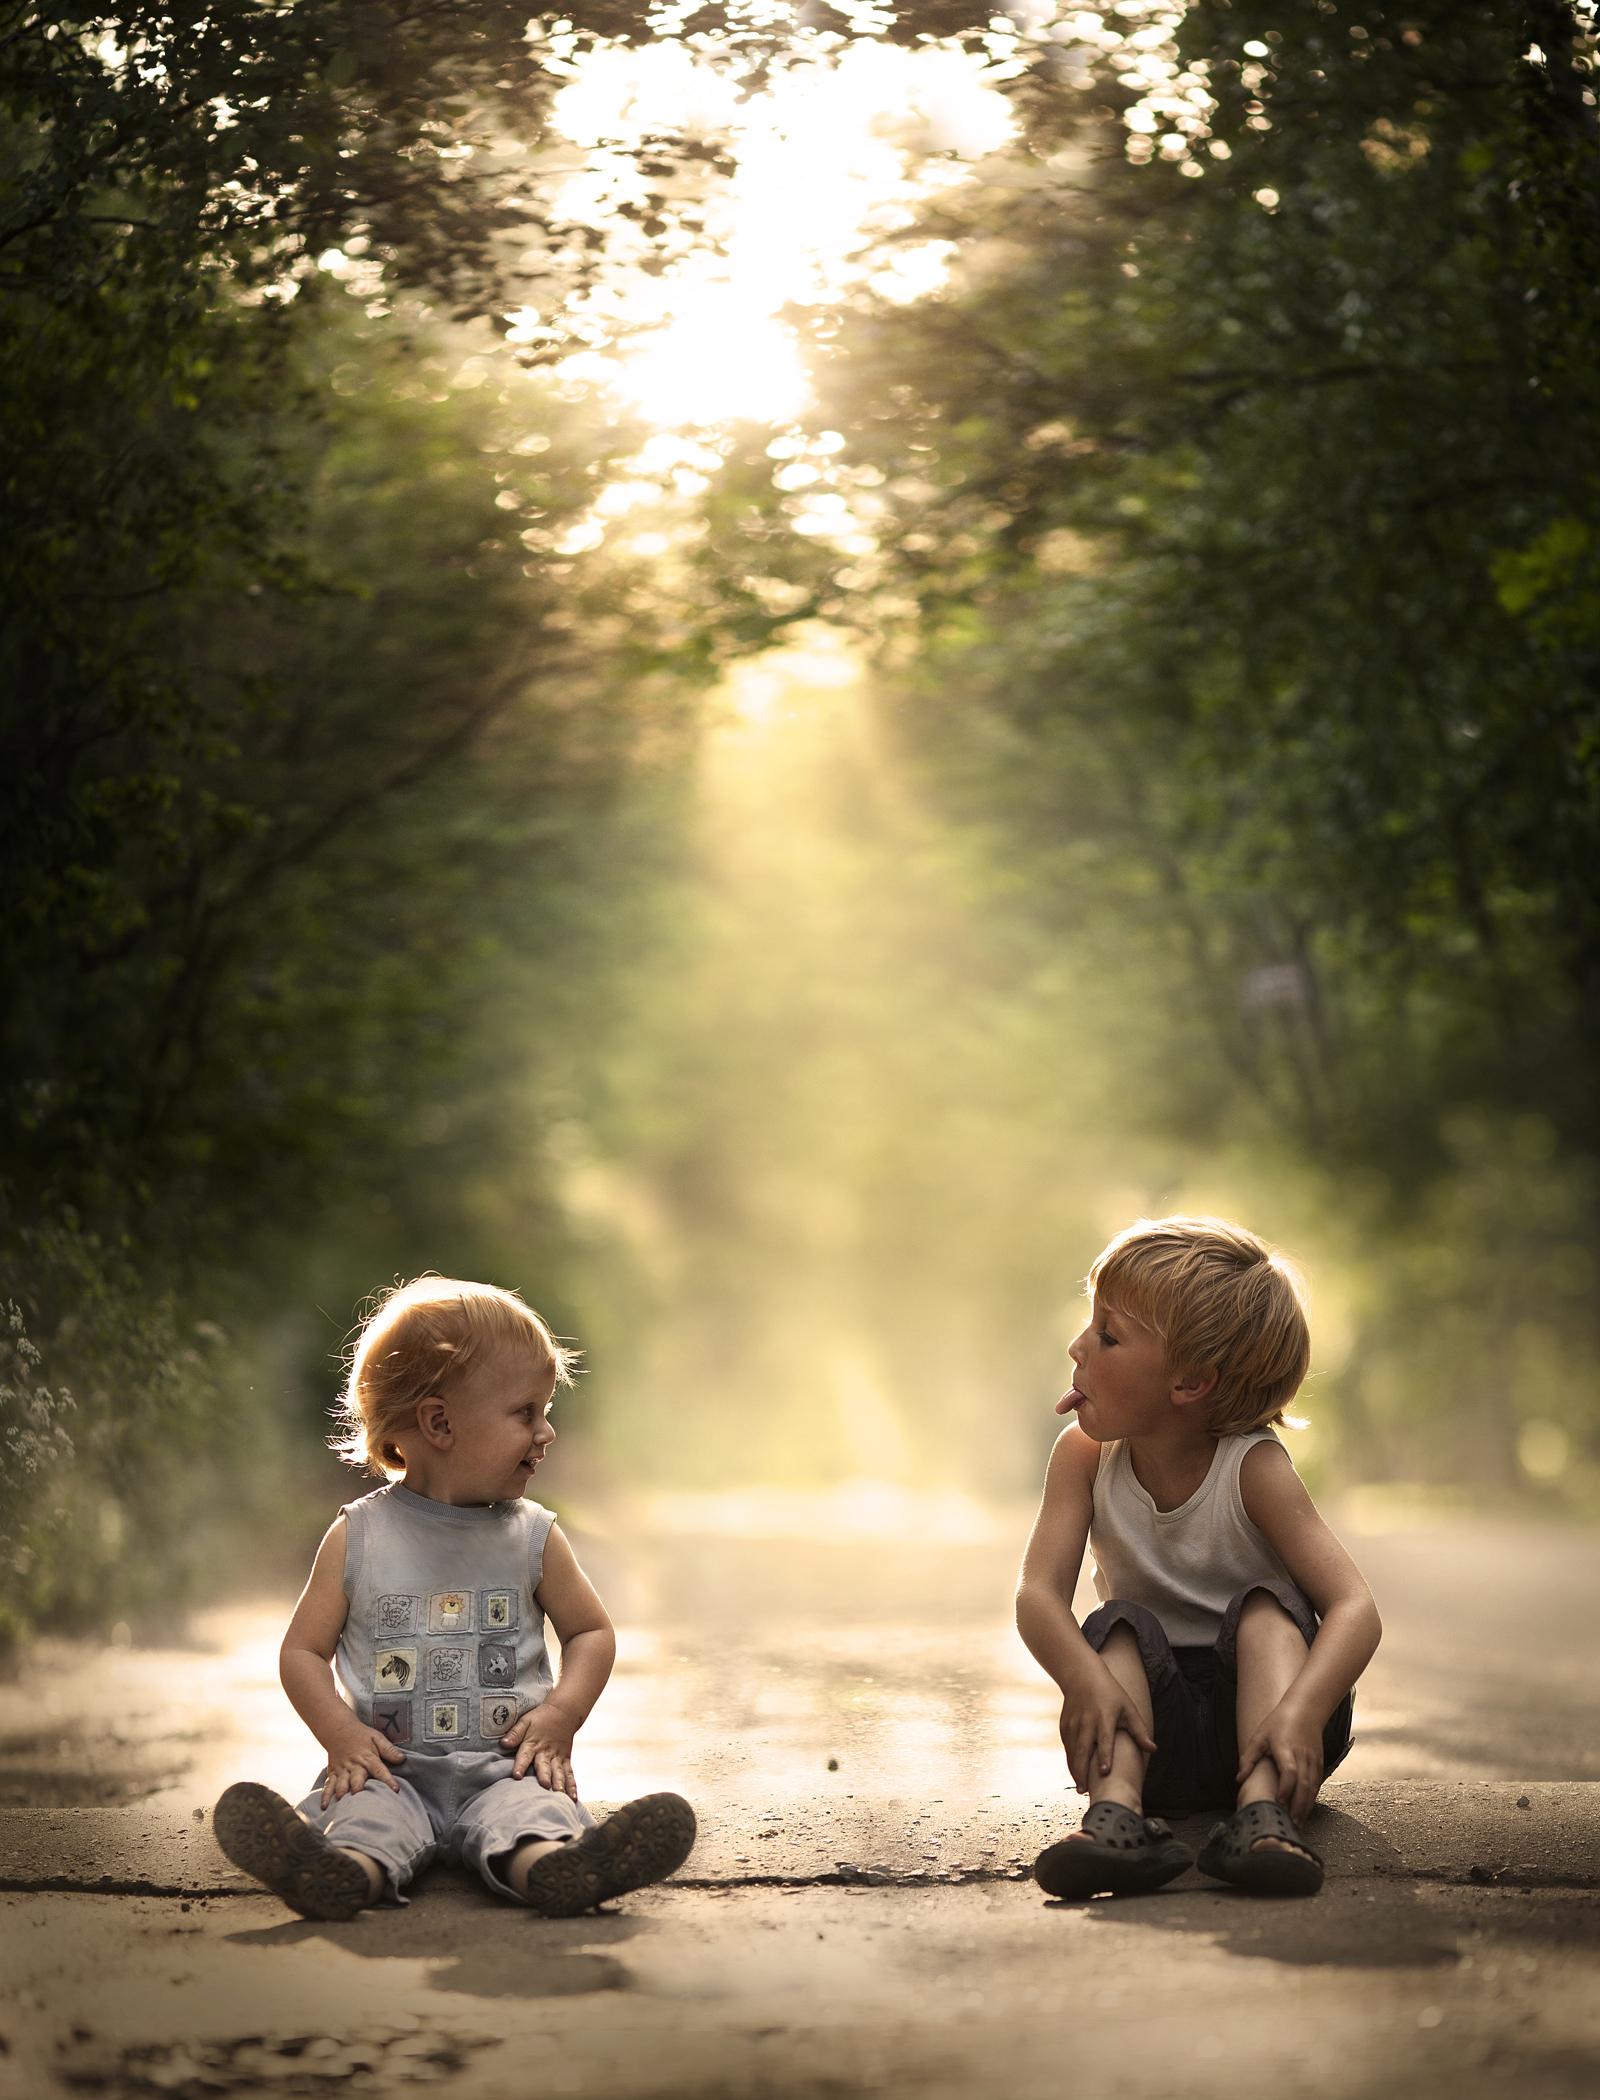 彼女には5歳と2歳の男の子がいる。この二人を映した写真は、特別なロケでとったものではない。